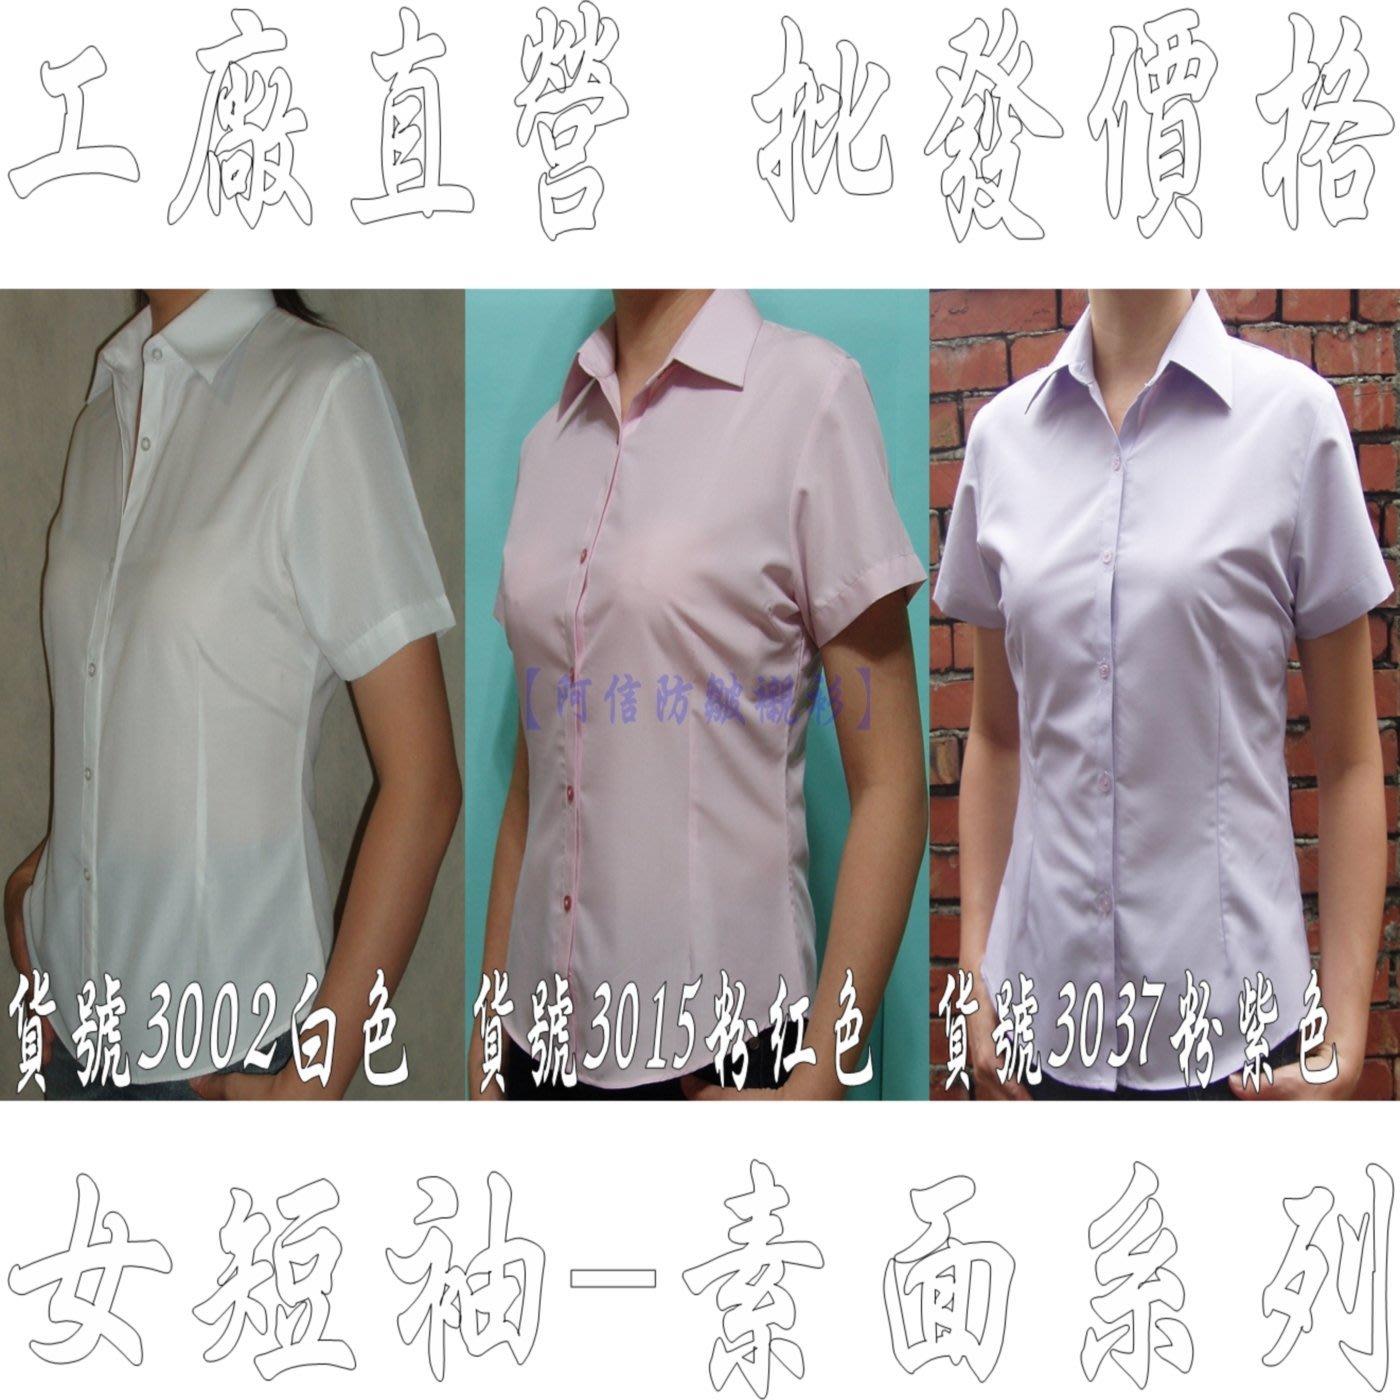 【阿信防皺襯衫】【女短袖】OL、上班、面試、業務、開會、必備款【白色襯衫/黑色襯衫/粉紅/白底紫色】白襯衫、黑襯衫、腰身